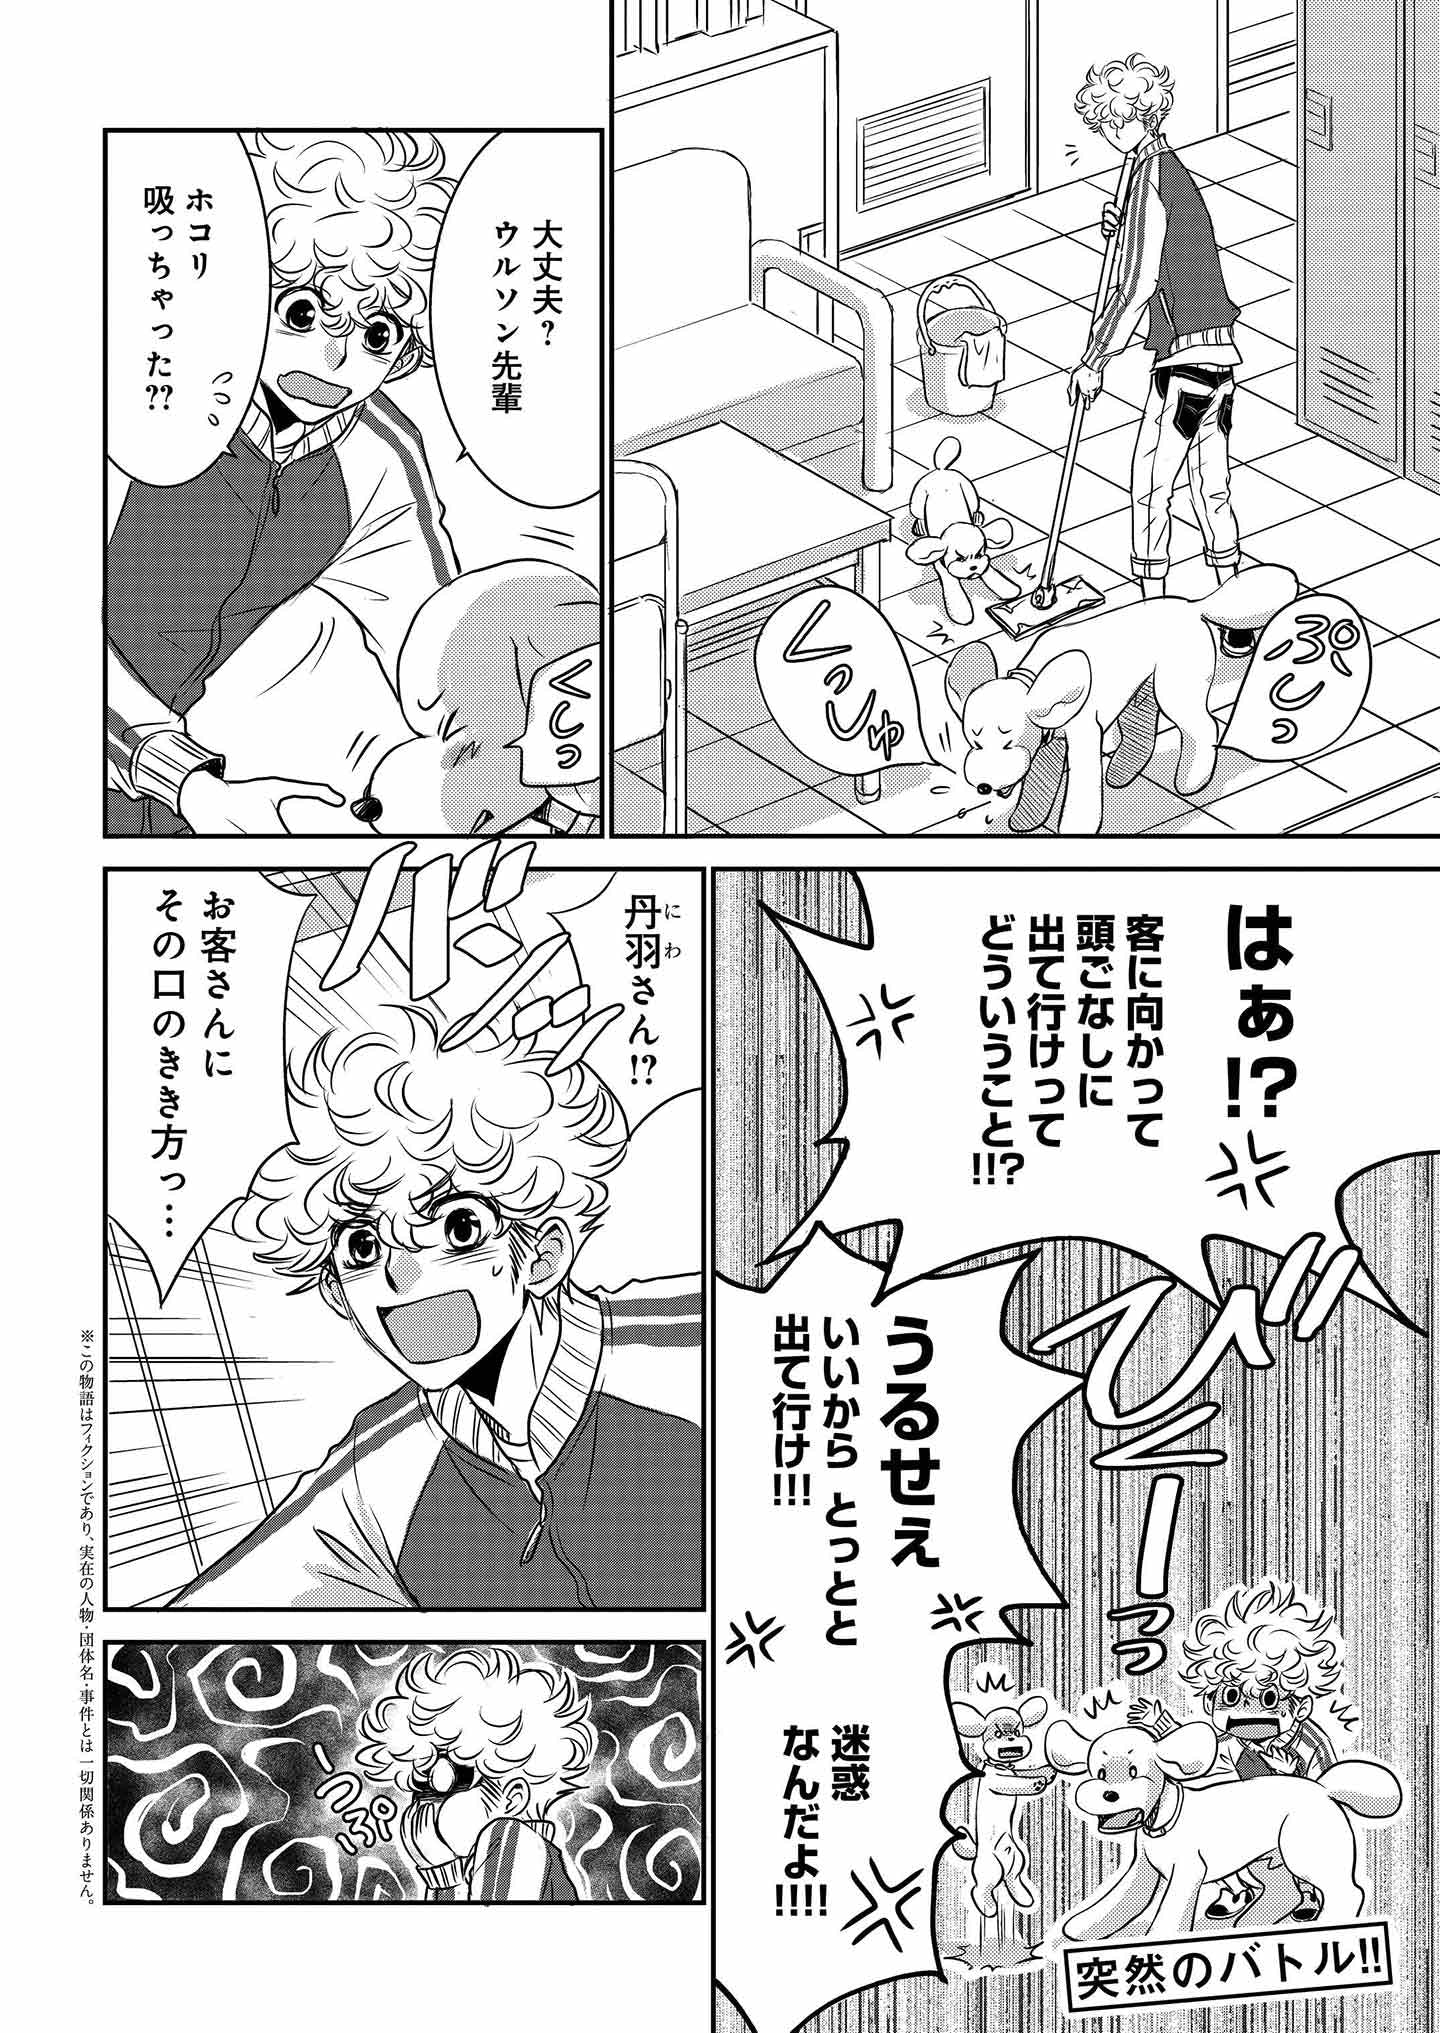 『DOG SIGNAL』15話目① 1ページ目